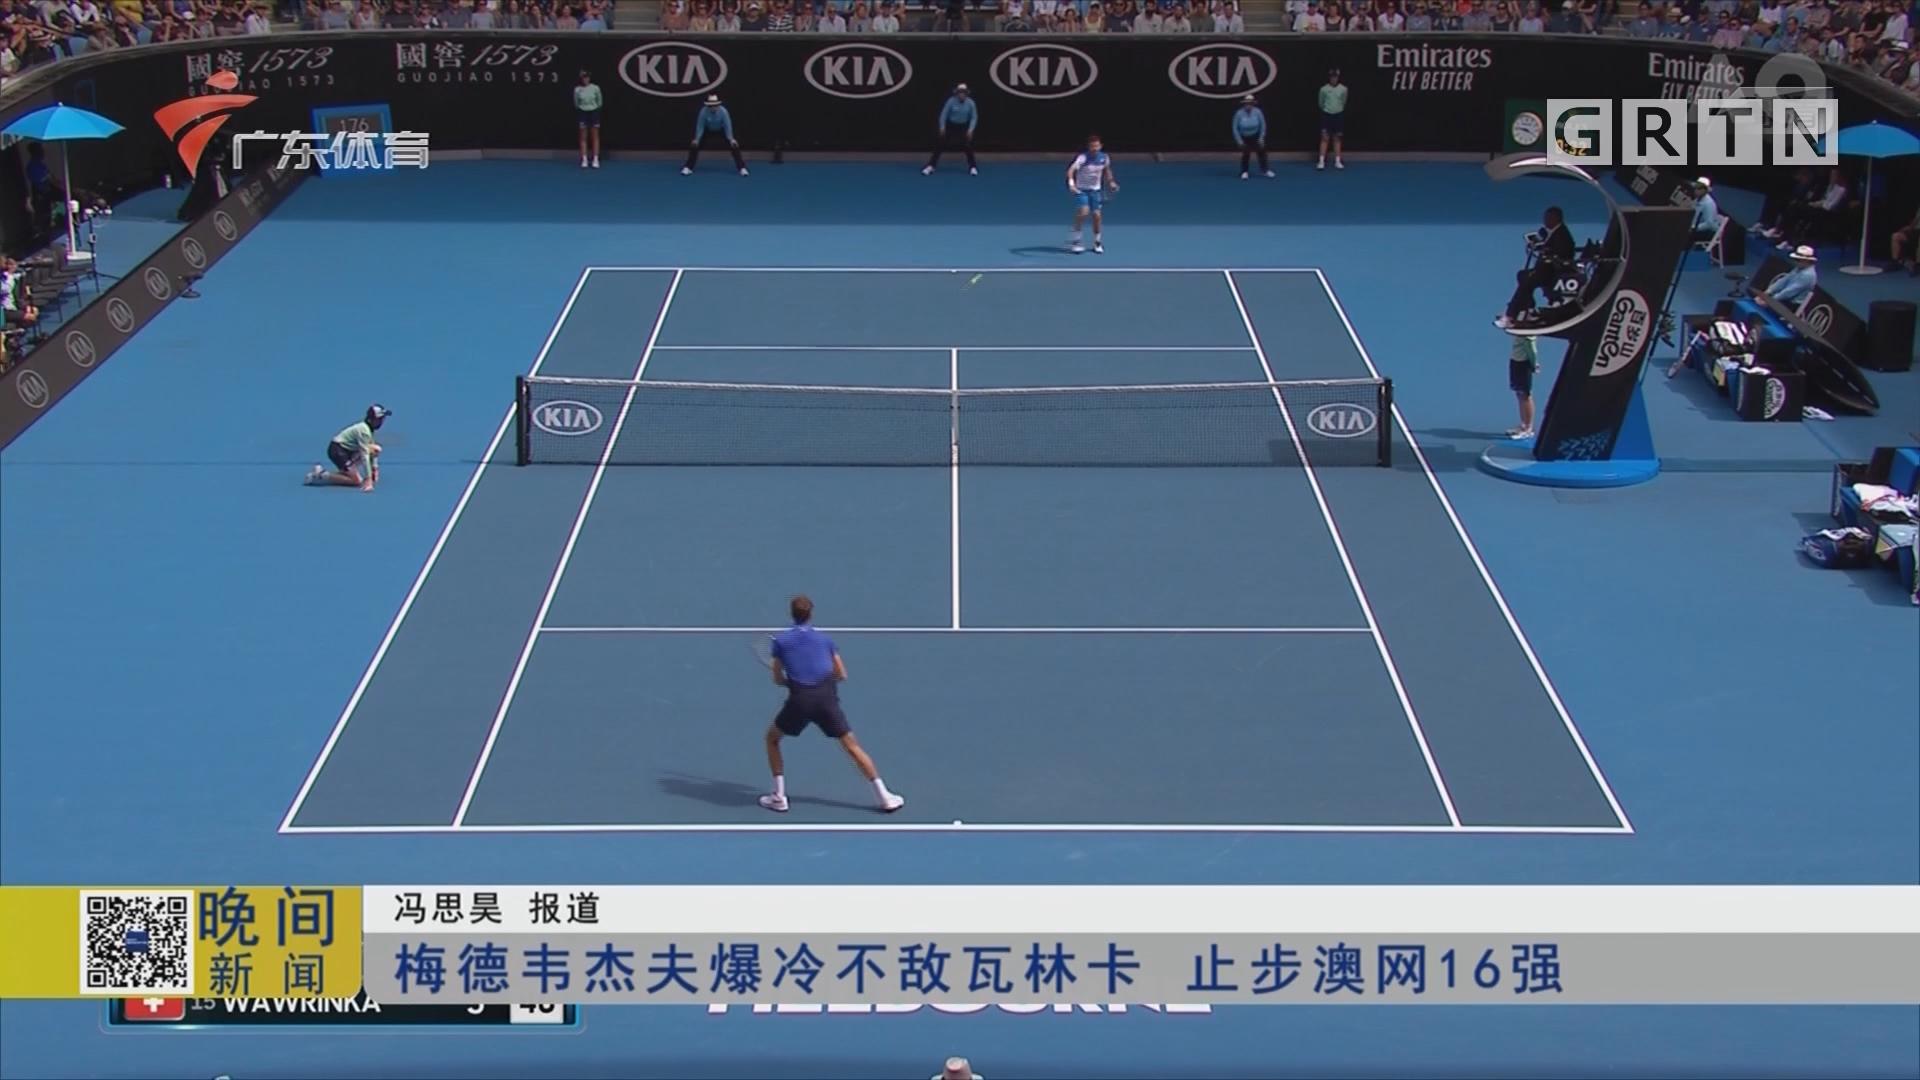 梅德韦杰夫爆冷不敌瓦林卡 止步澳网16强